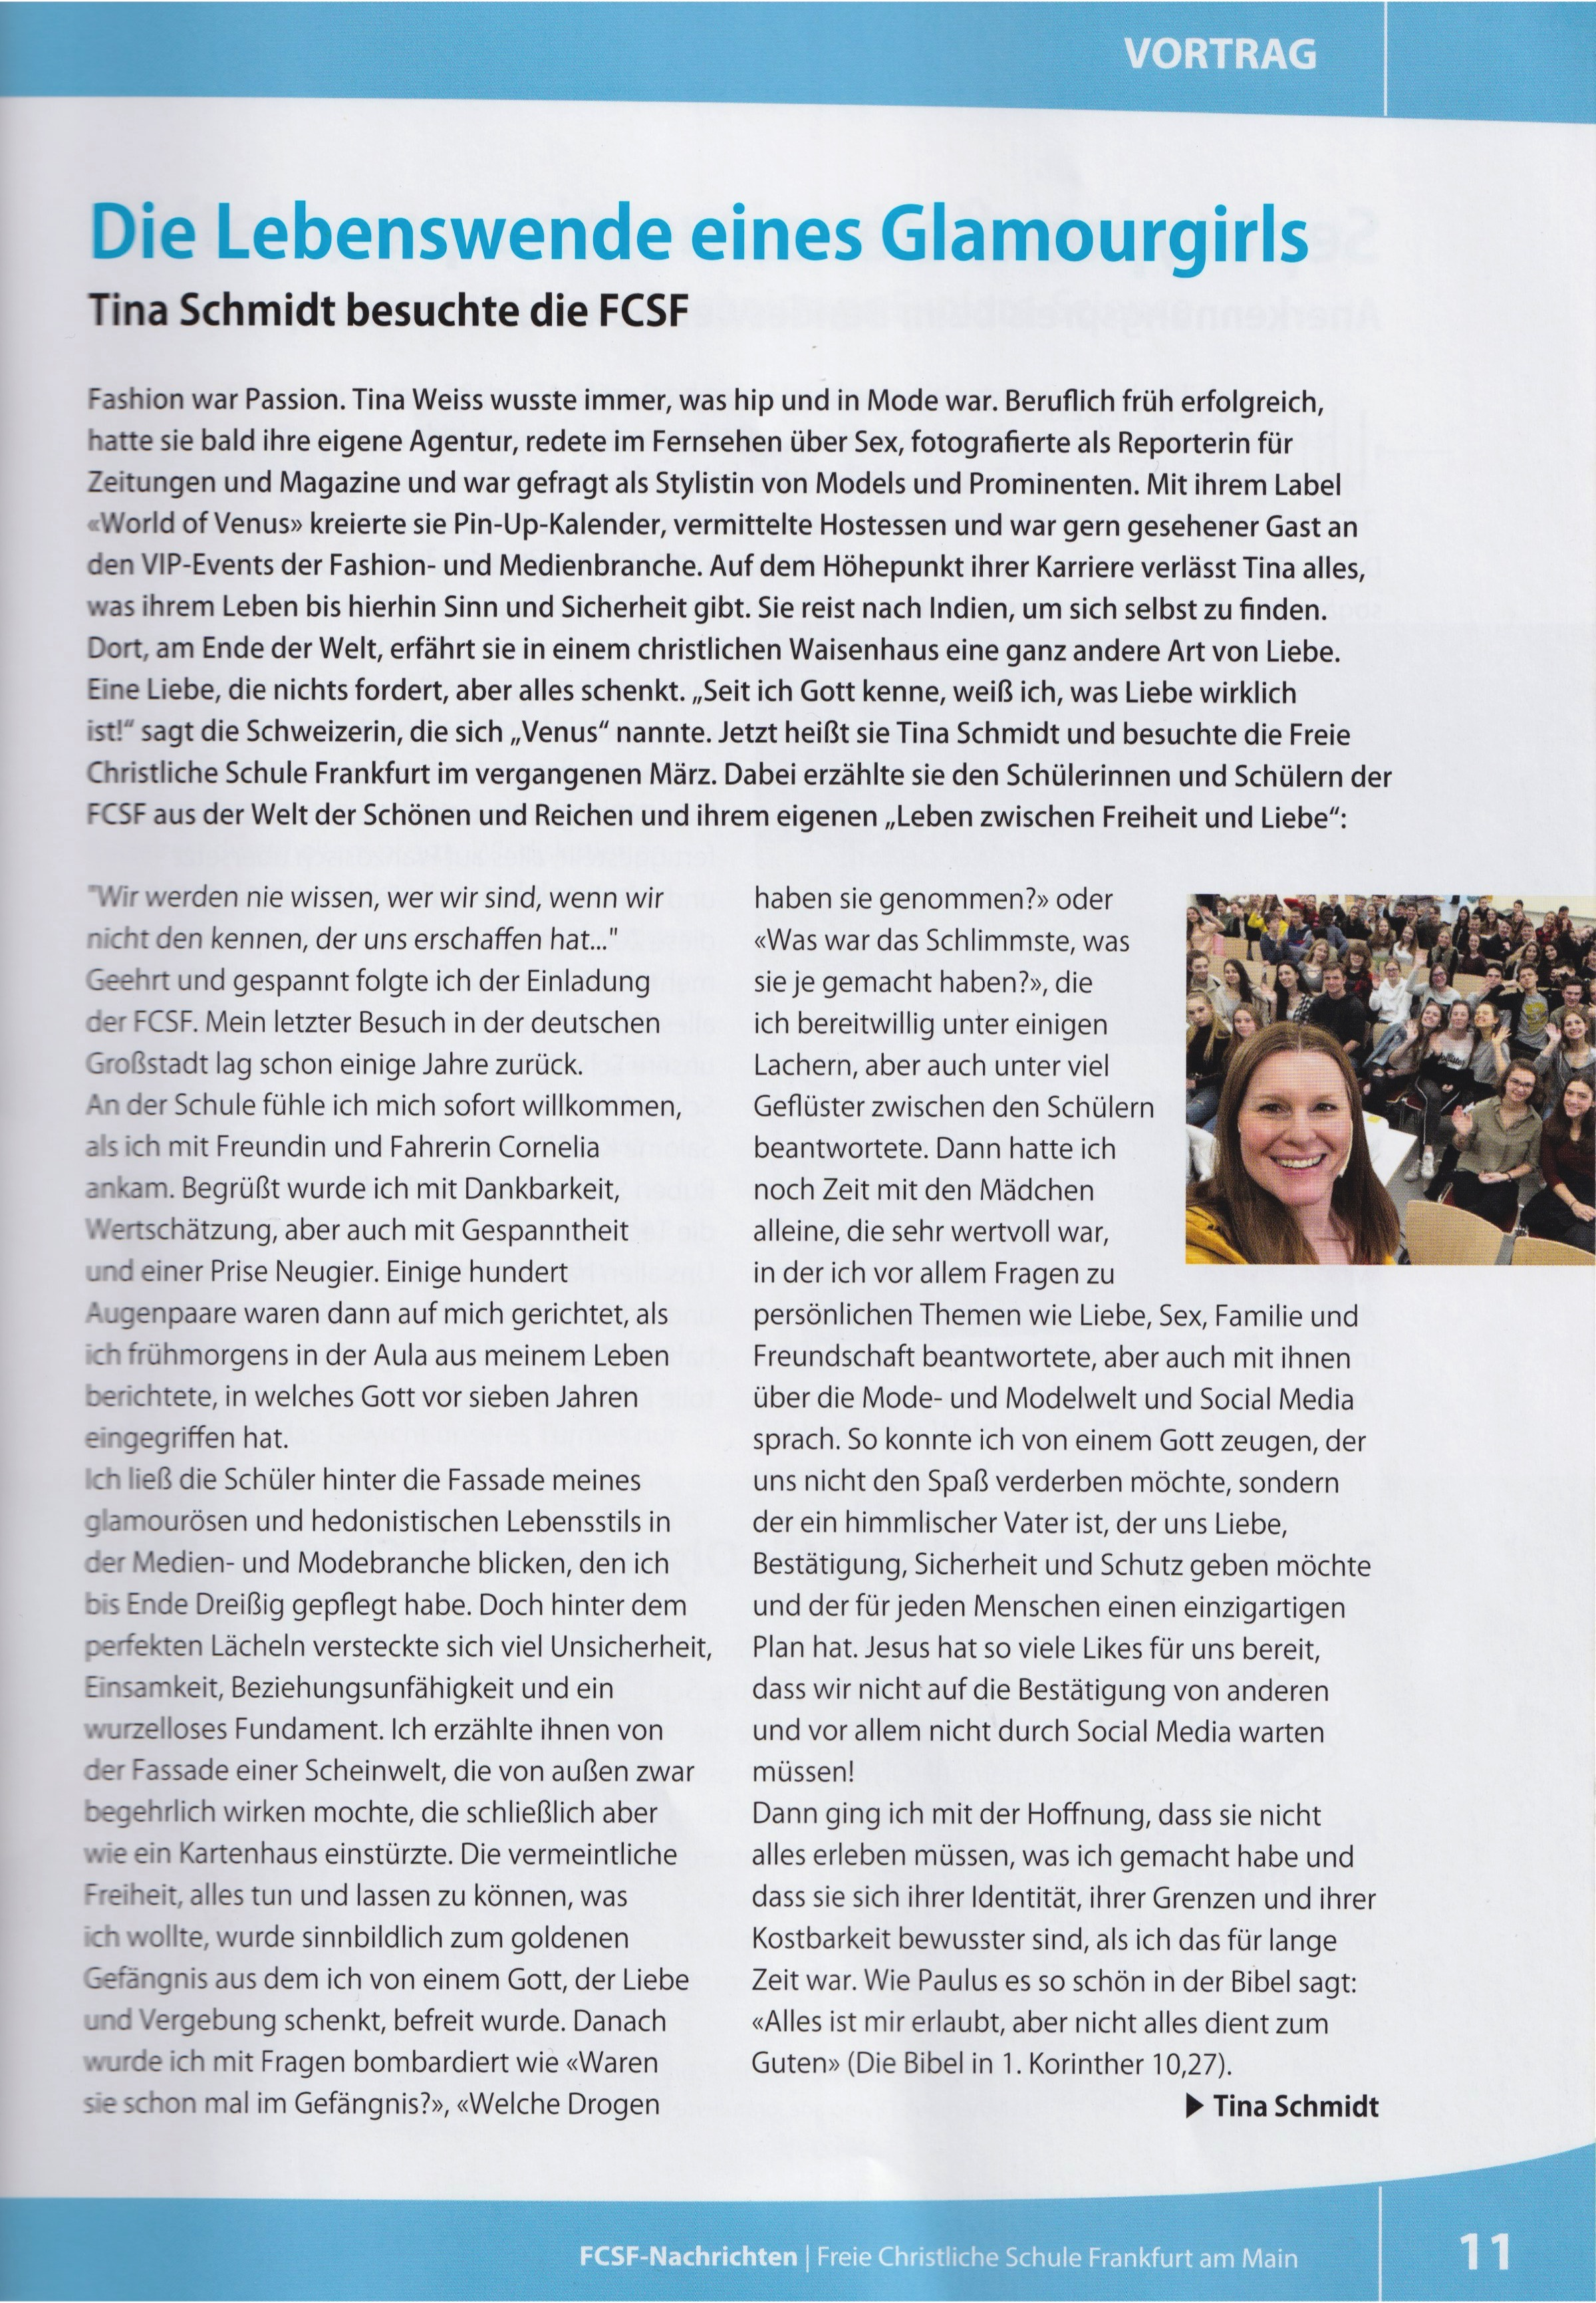 Magazin der FCSF -Freie Christliche Schule Frankfurt, Juni 2019